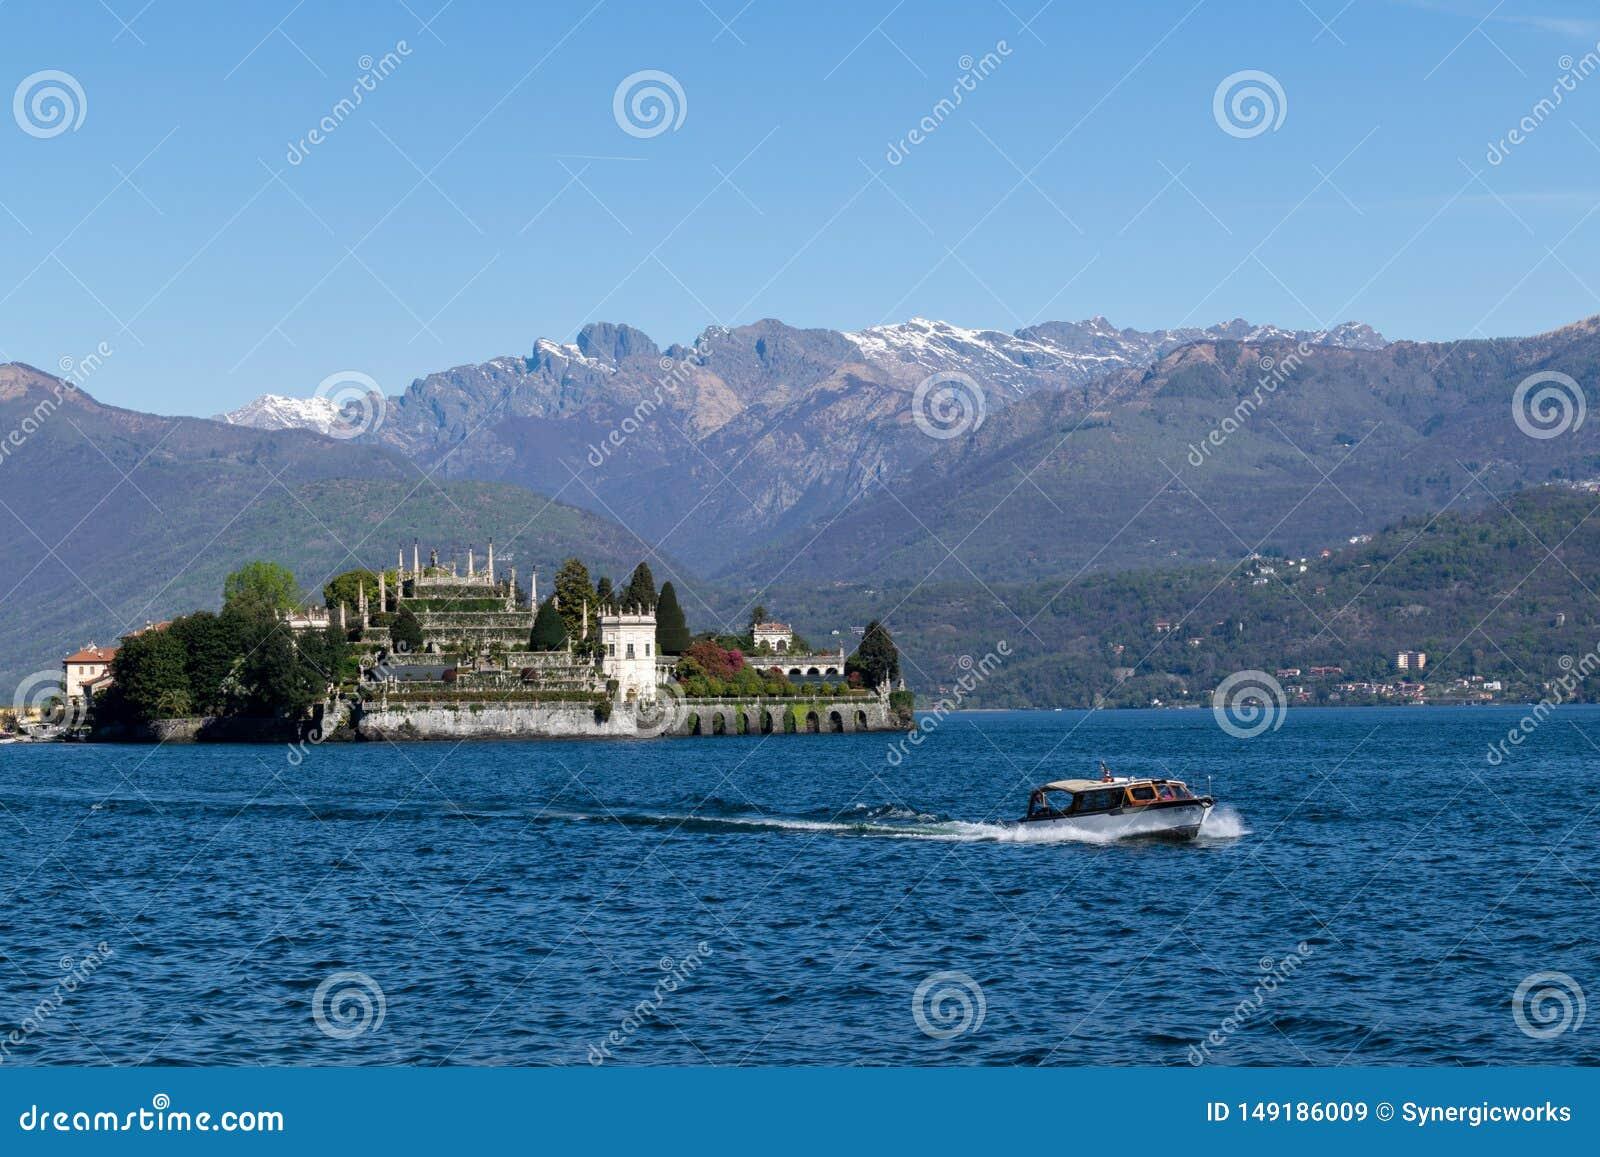 Panoramablick des Bootes und der Insel im Norditaly Seebereich